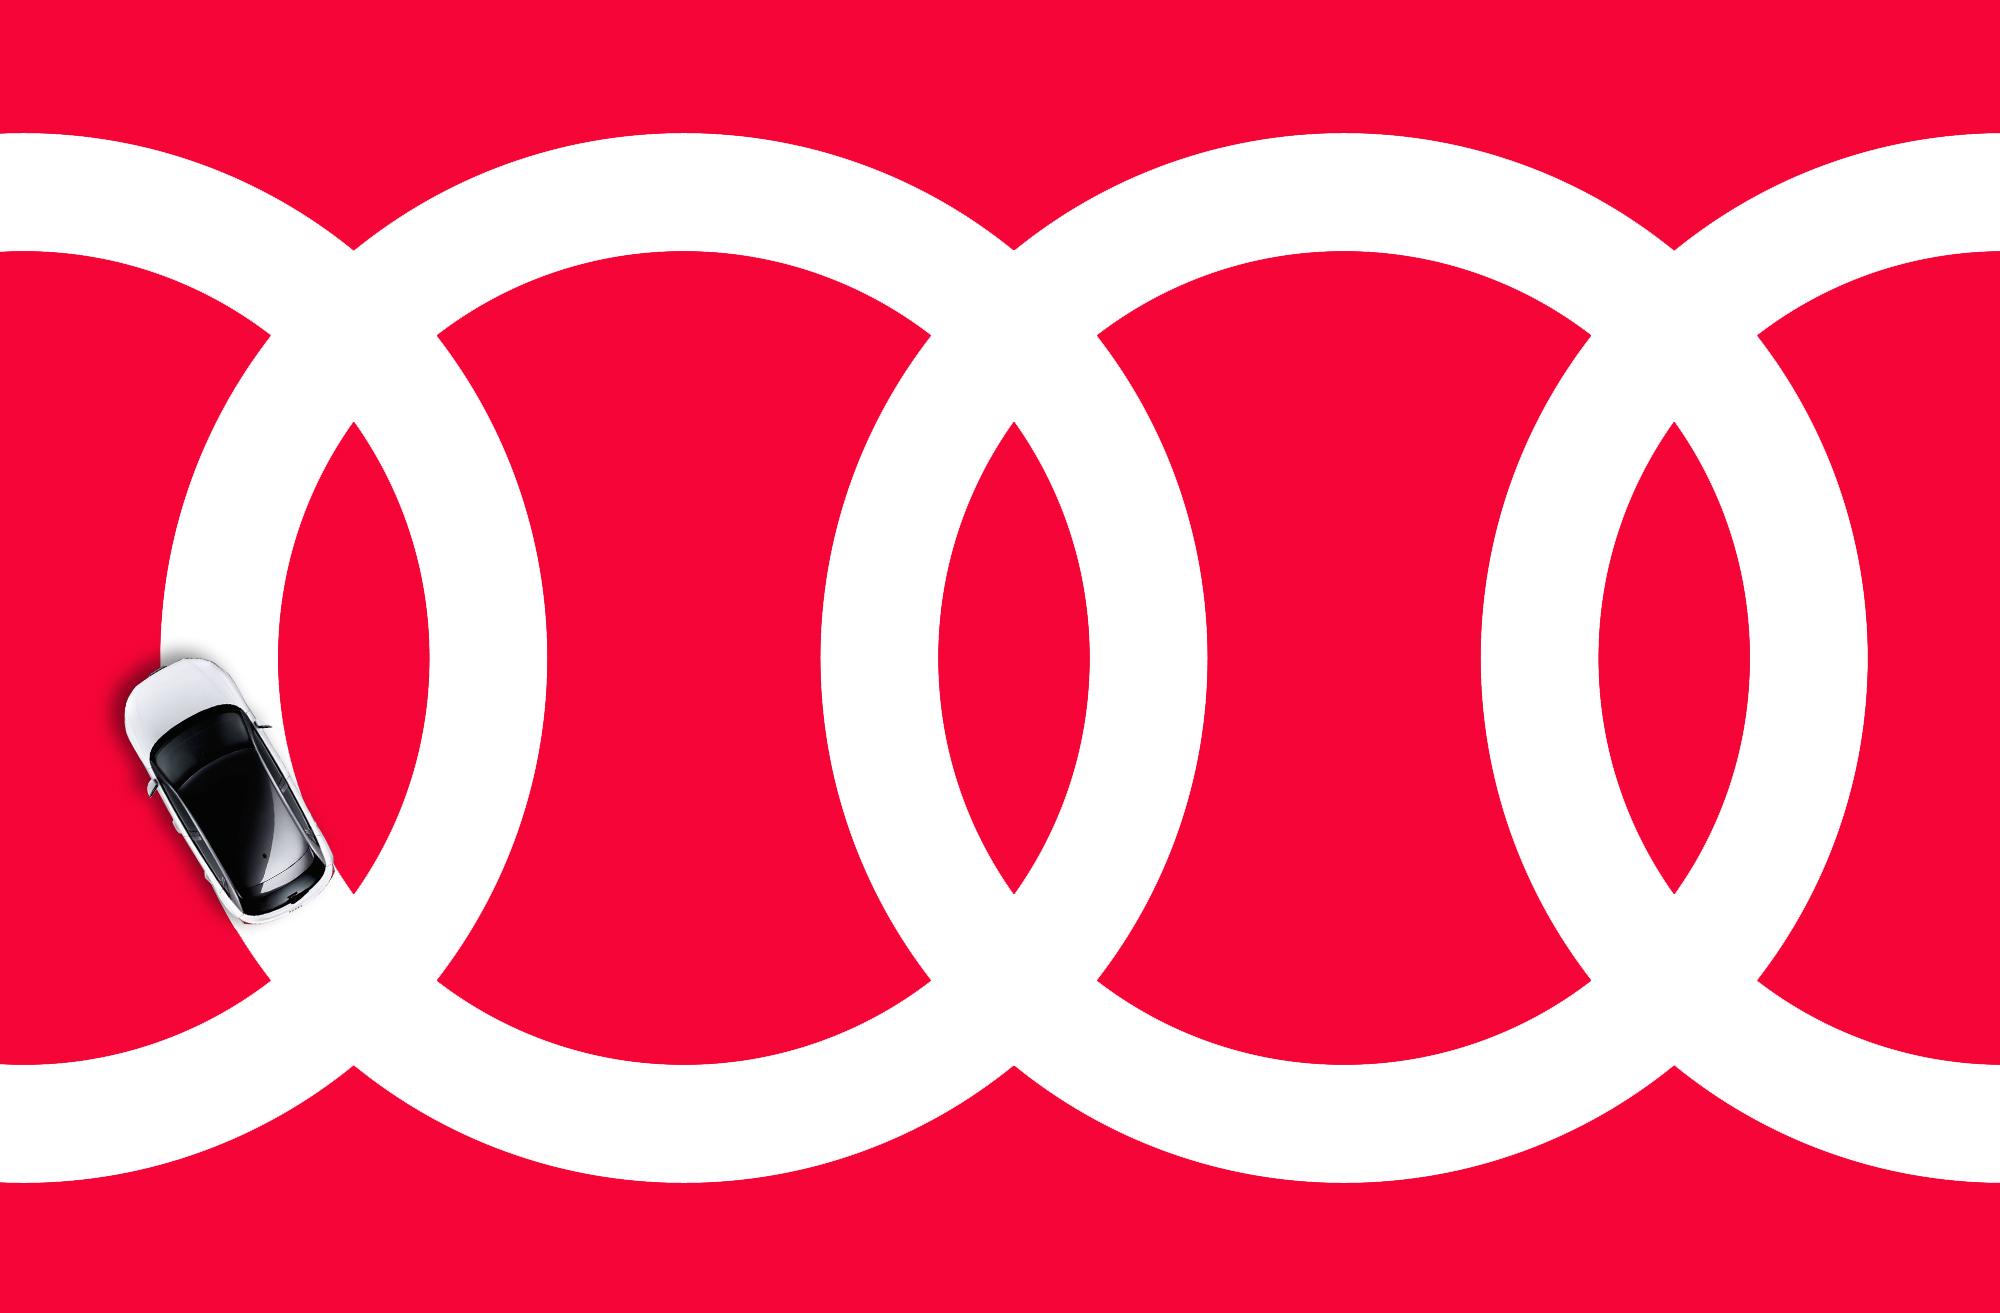 Audi│Corporate Design